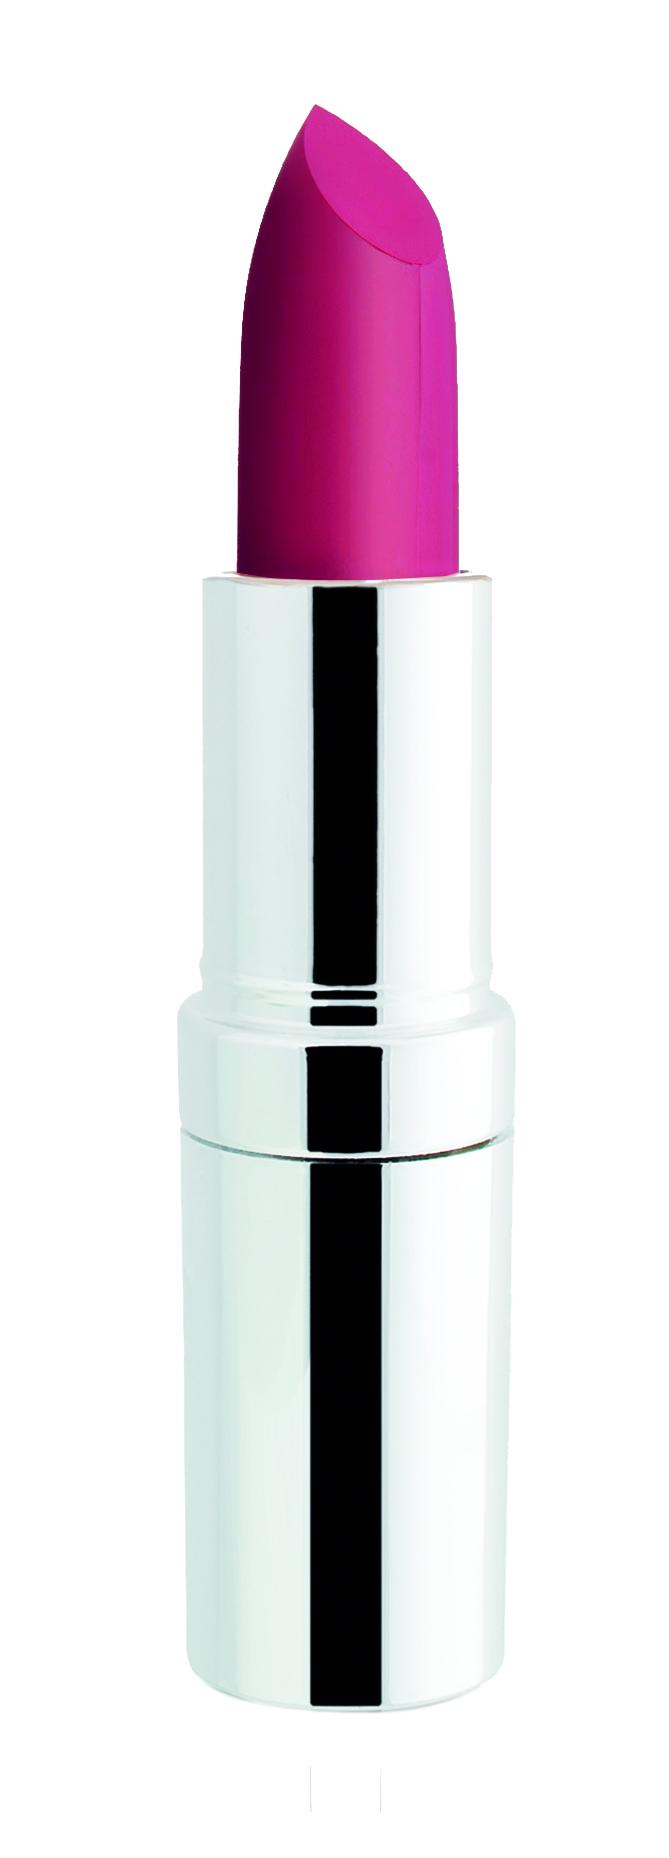 SEVENTEEN Помада губная устойчивая матовая SPF 15, 06 мечтательный розовый / Matte Lasting Lipstick 5 г